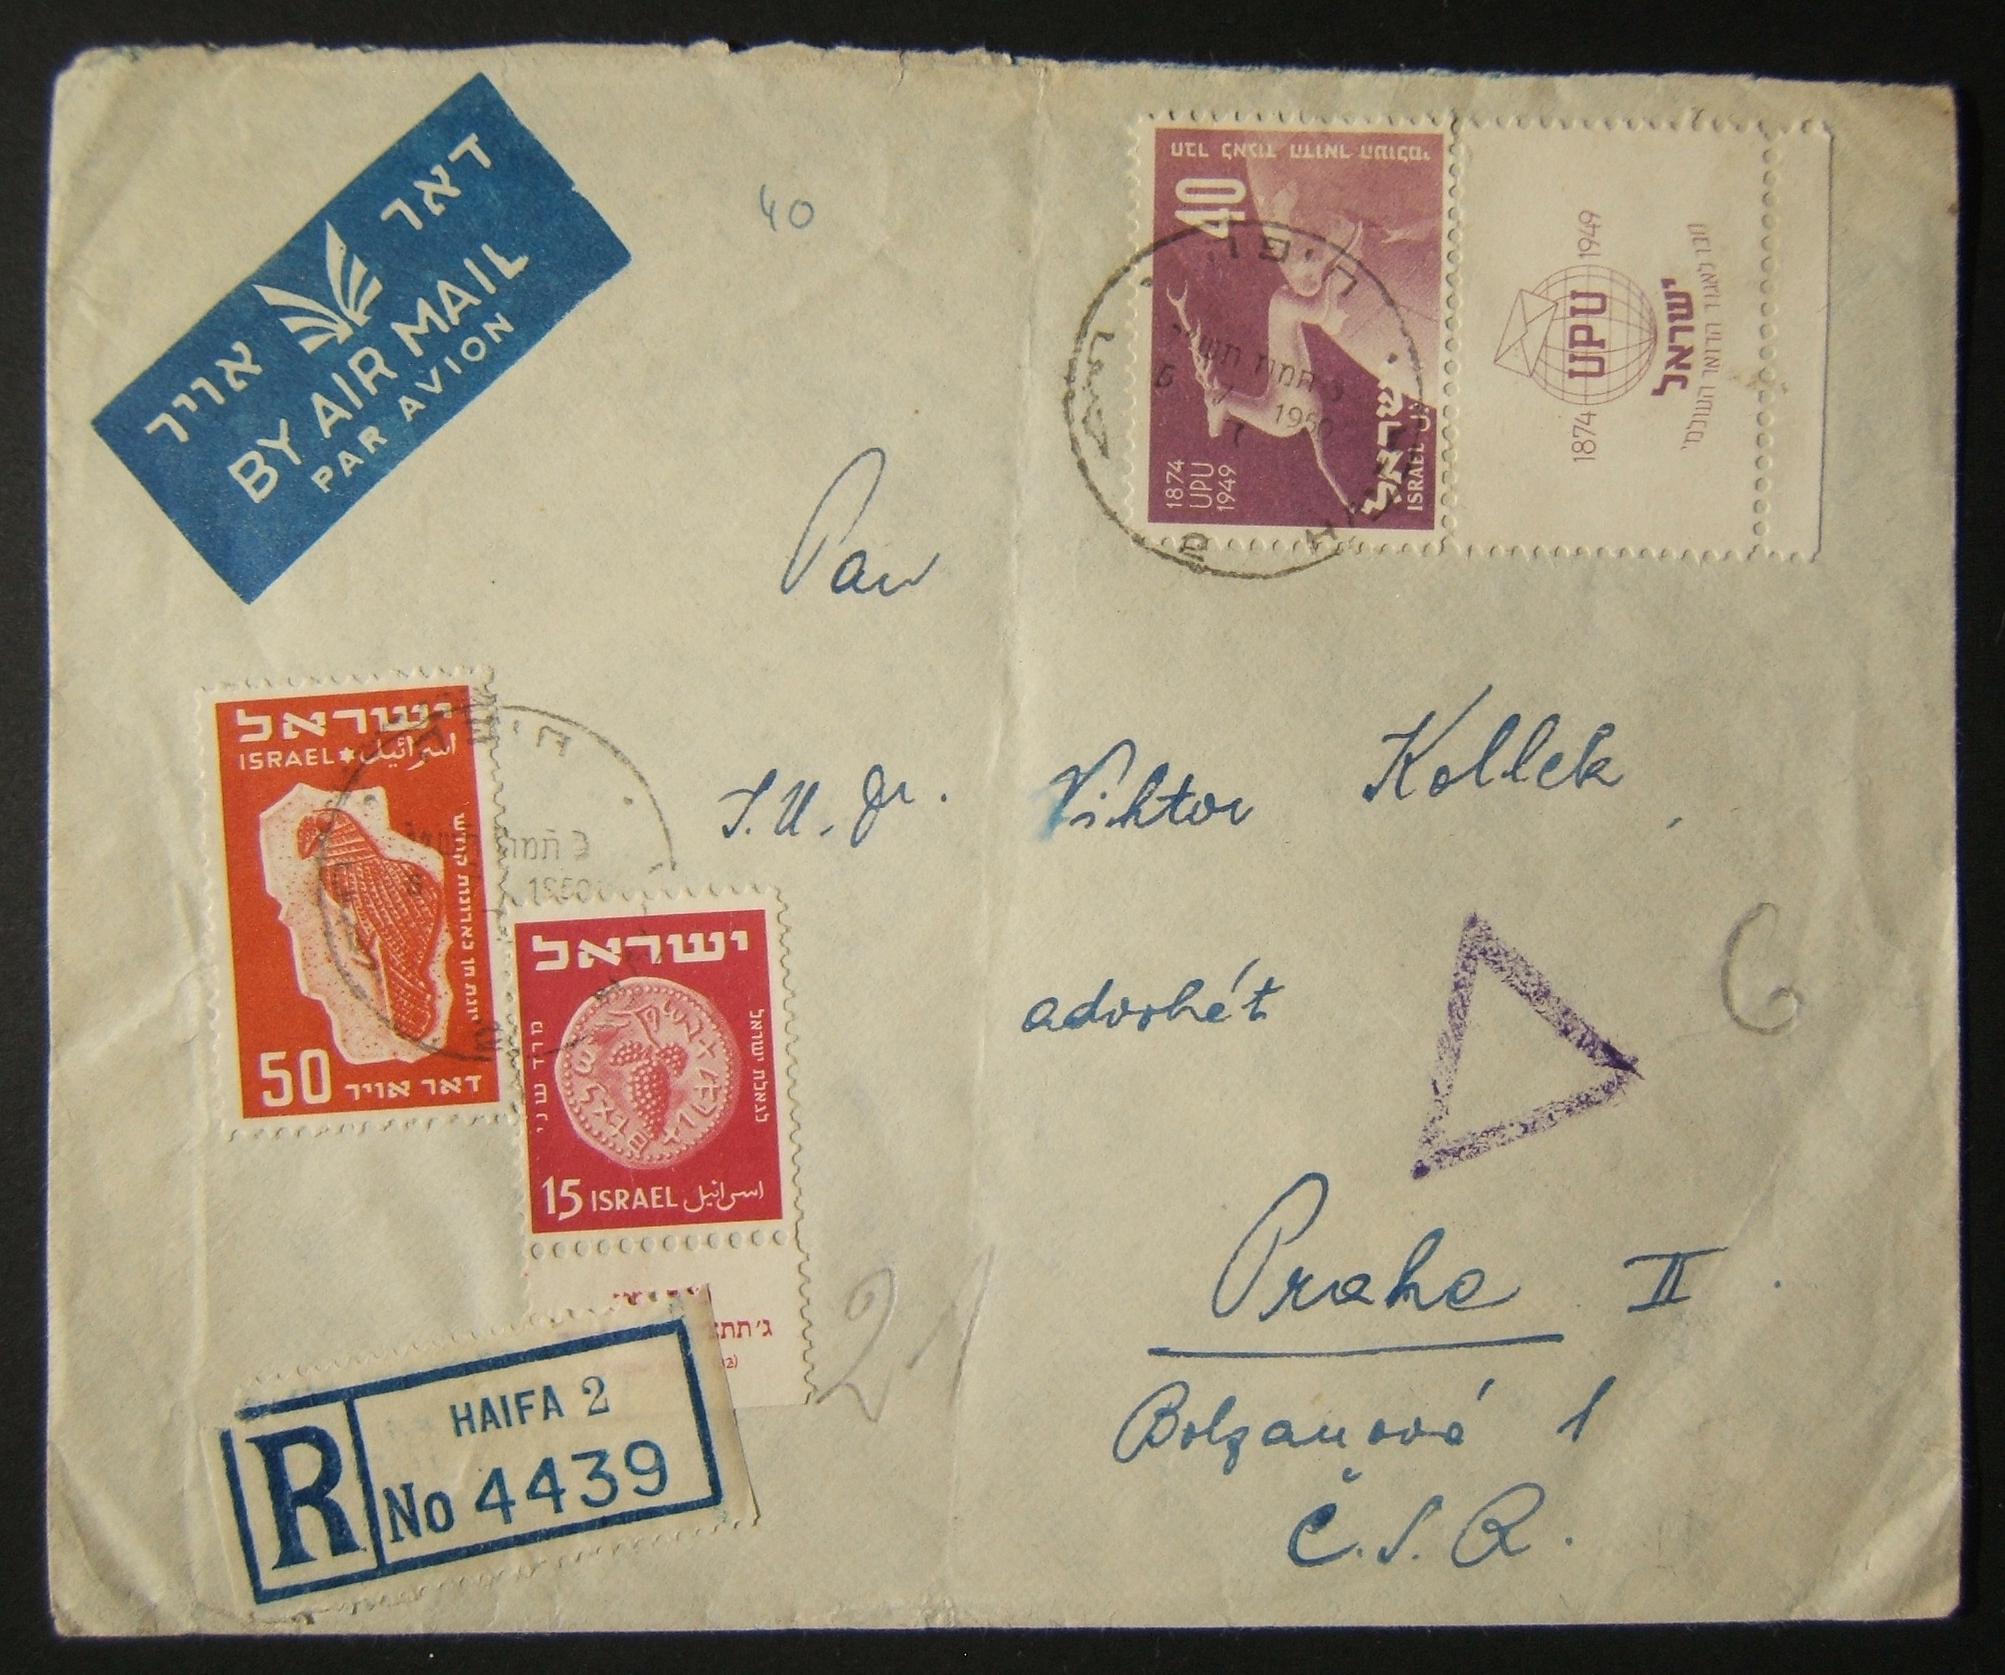 1950 UPU / rates & routes: 5-7-1950